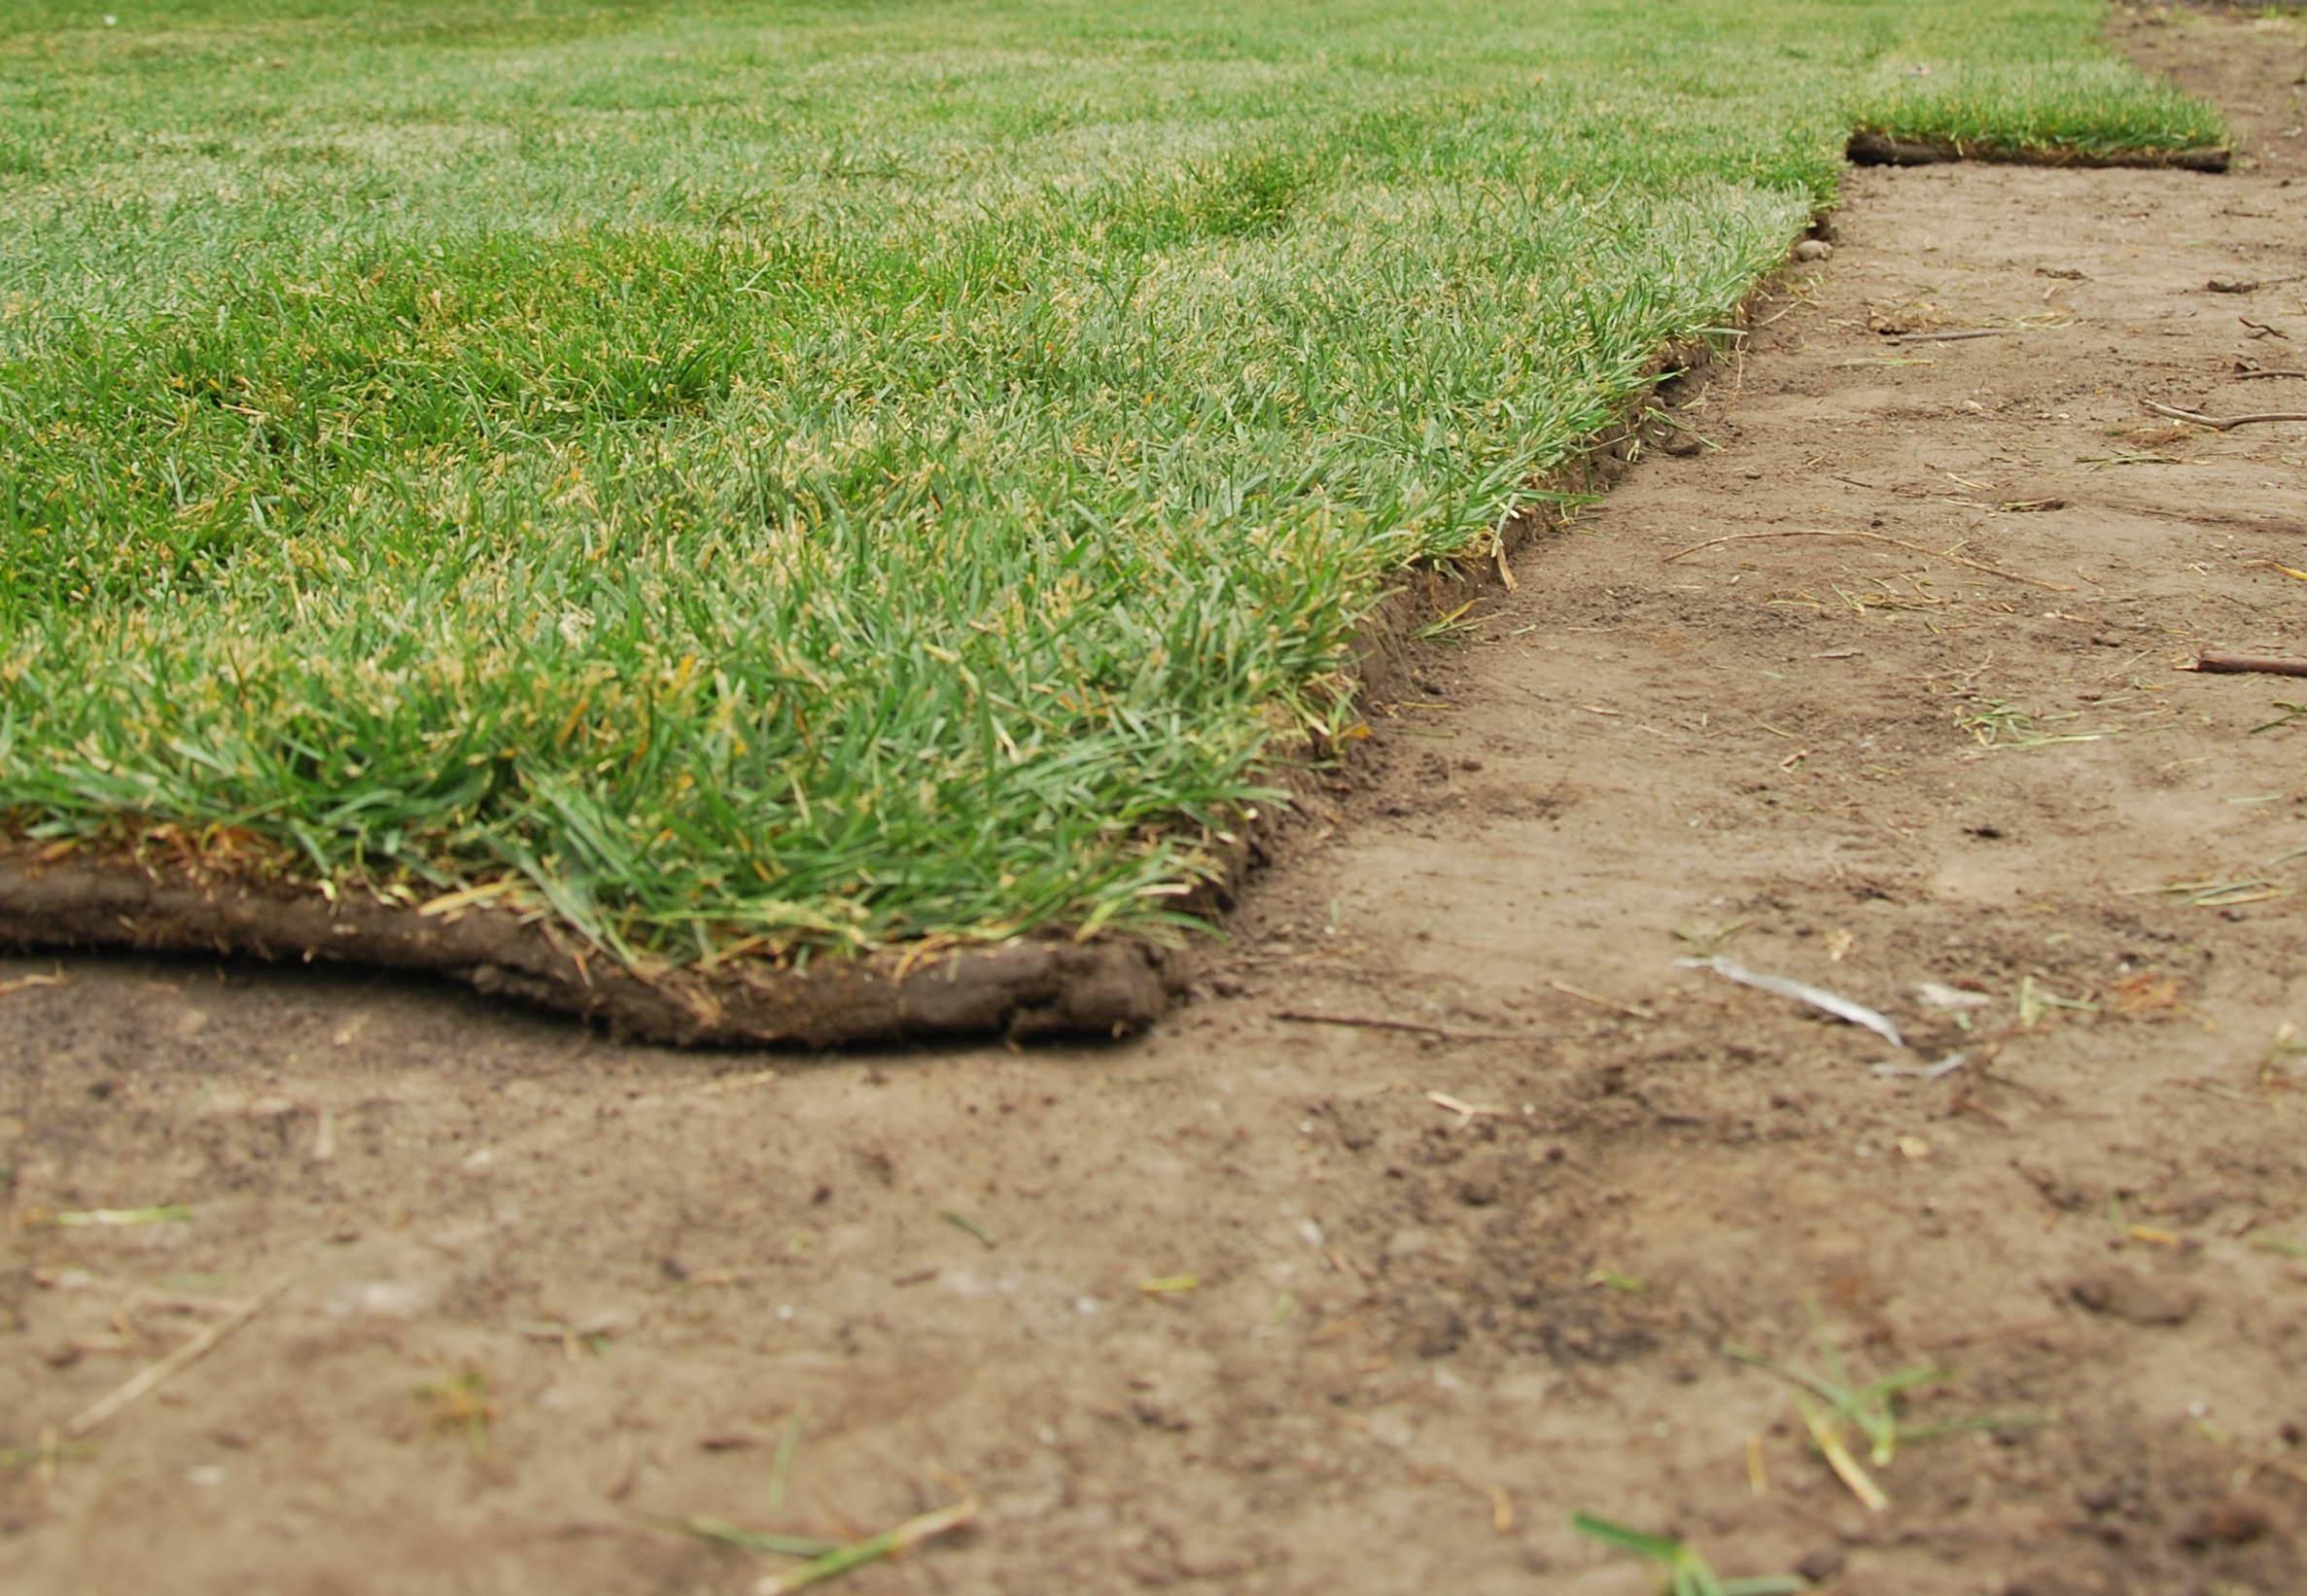 Рулонный газон на песке: особенности и уход